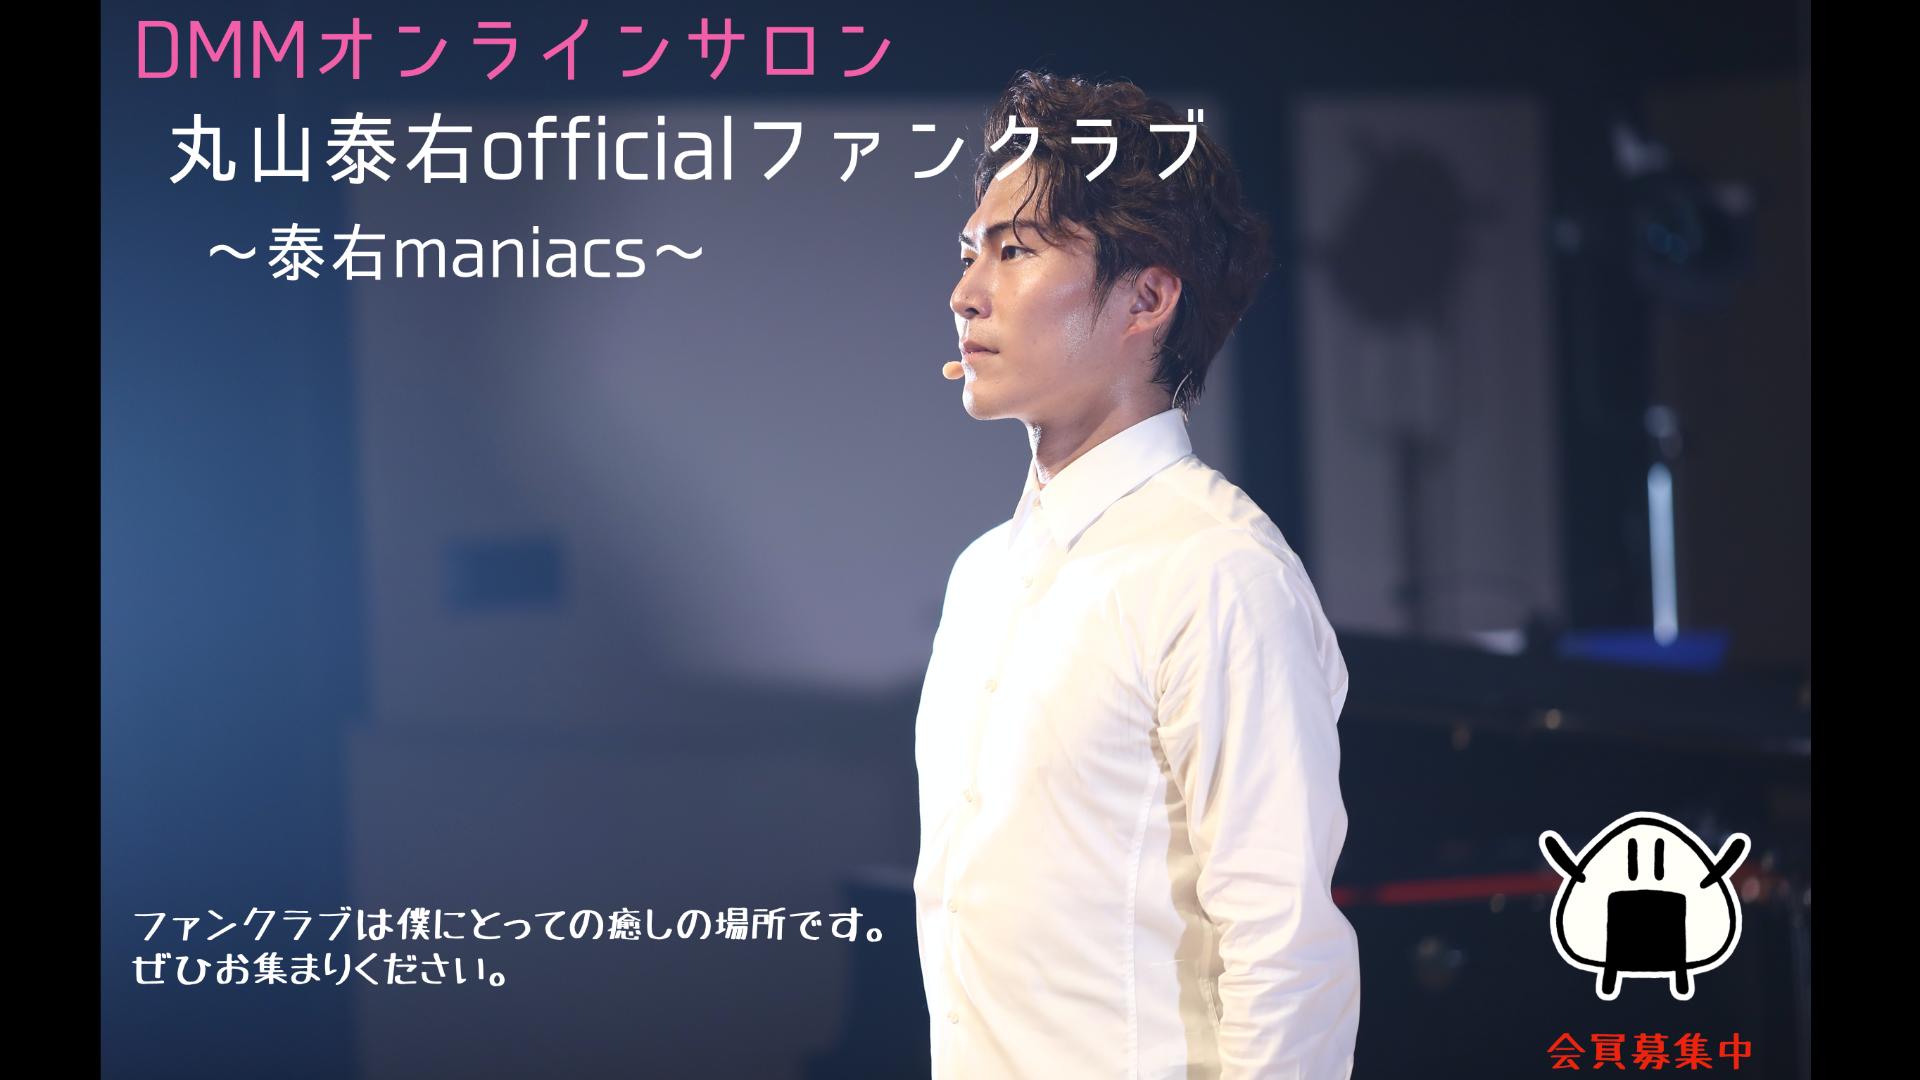 俳優丸山泰右ファンクラブ TaisukeManiacs